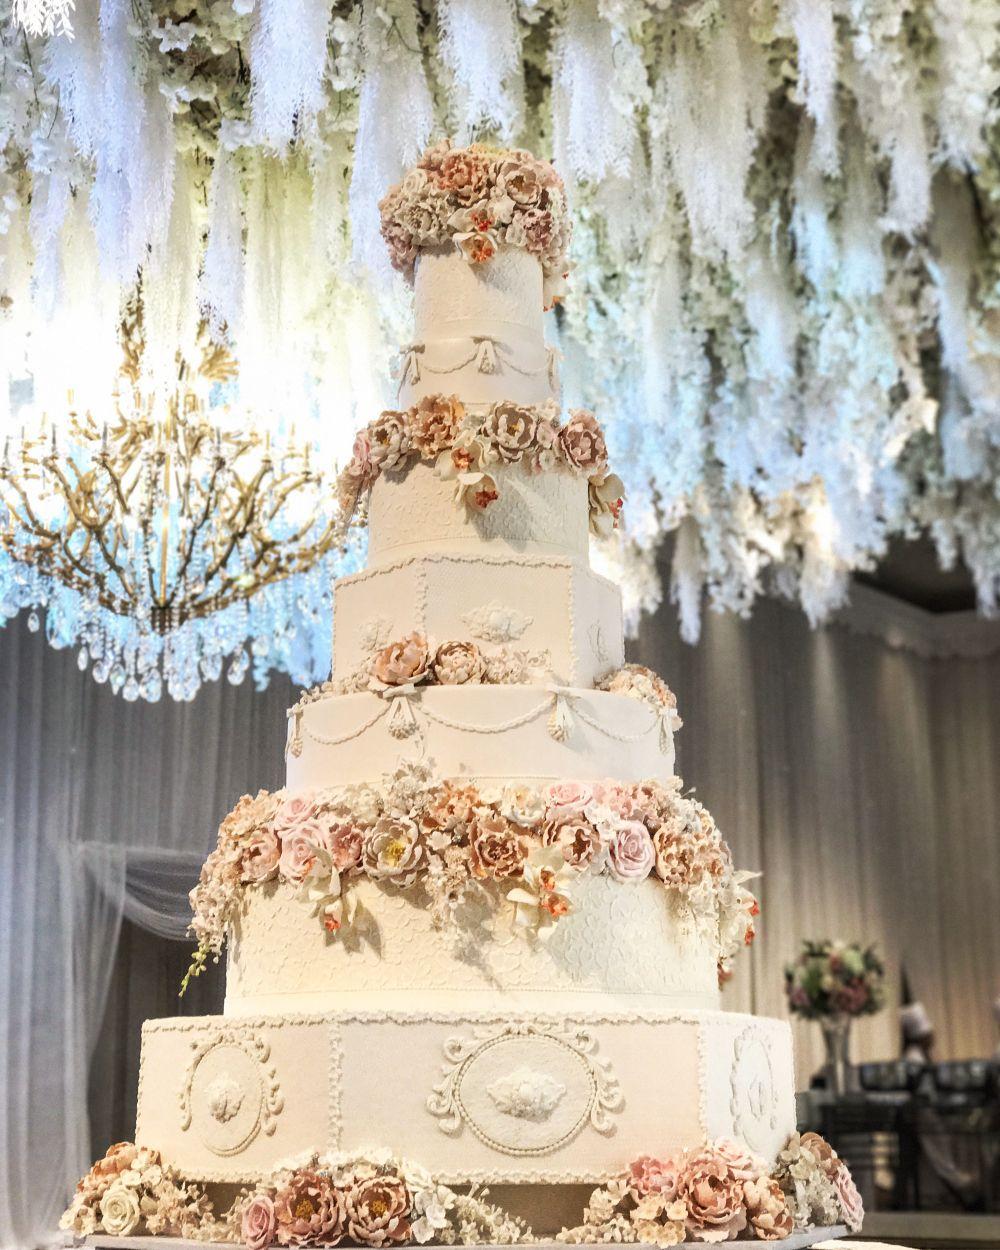 Foto Kue Pernikahan Oleh Lenovelle Cake Kue Perkawinan Kue Pengantin Unik Pernikahan